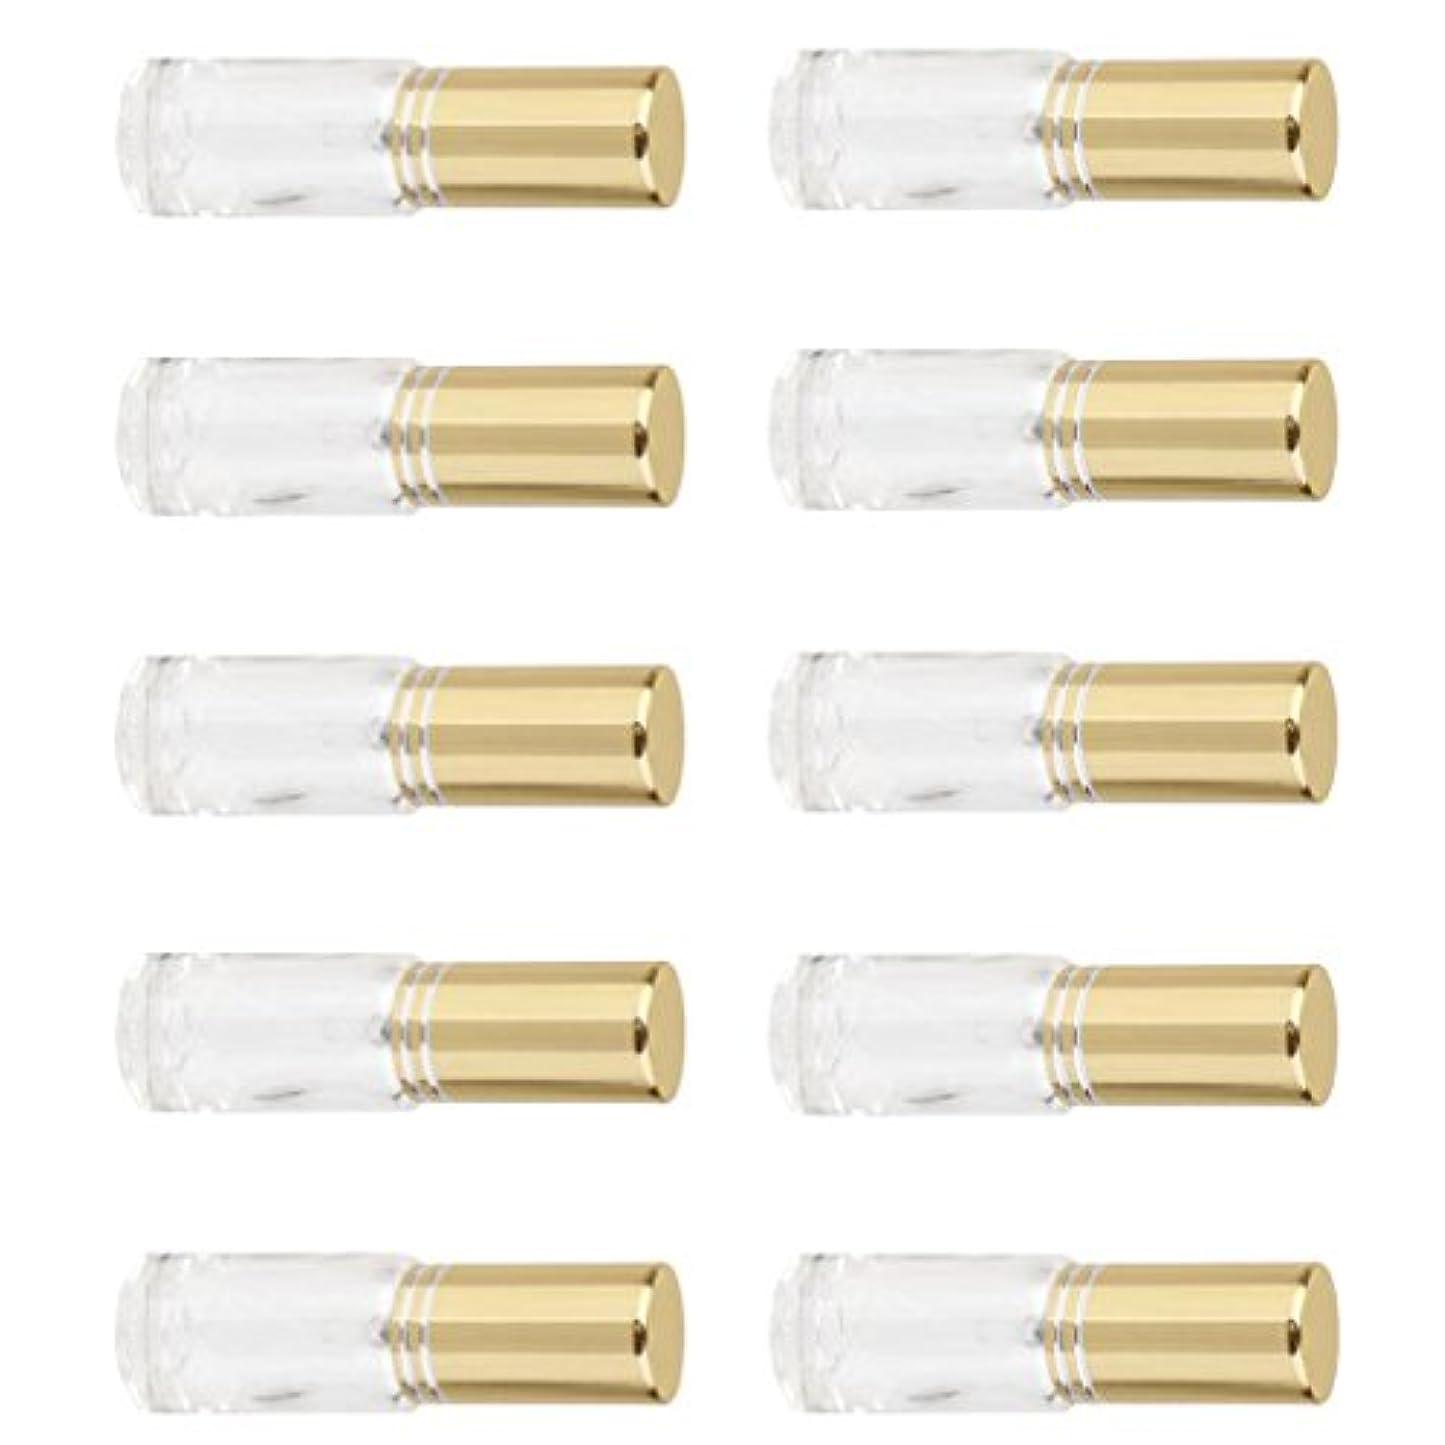 議会囲いスナッチSONONIA 10個 お買い得 男女兼用 5ml ミニ ガラス 詰め替え可能 香水 空き瓶 アトマイザー ポンプ スプレー 香水瓶 容器